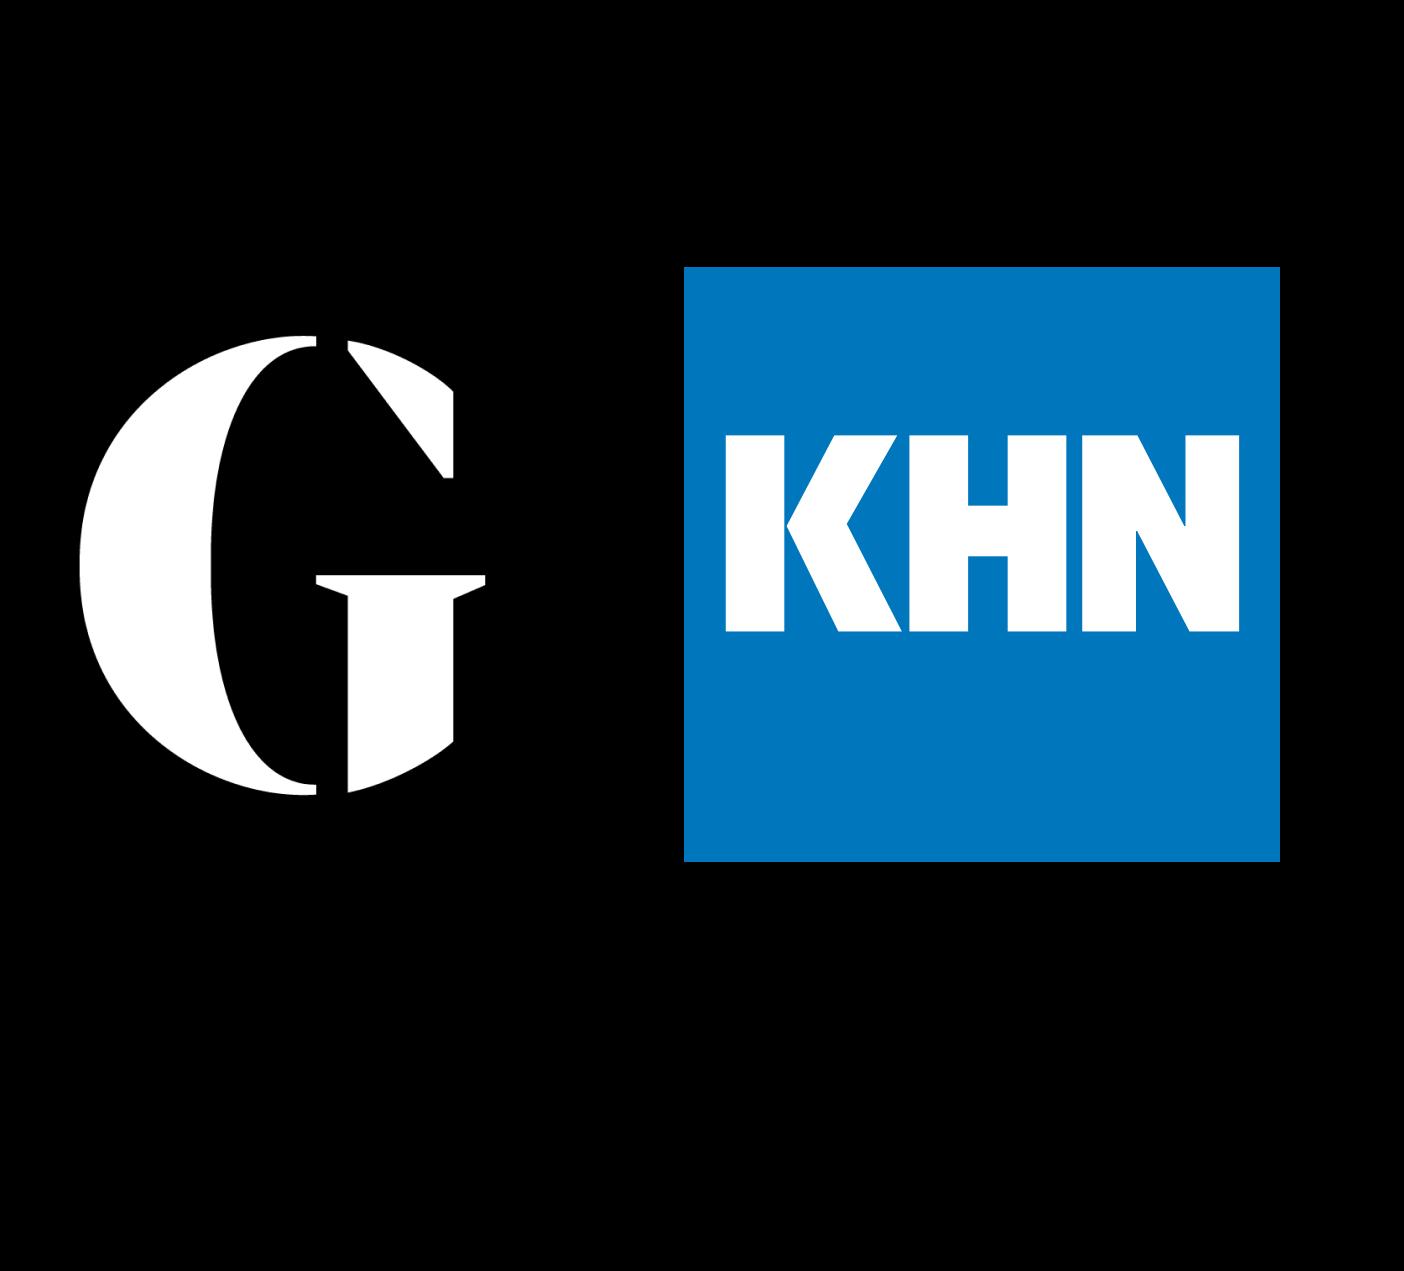 kaiser + Guardian